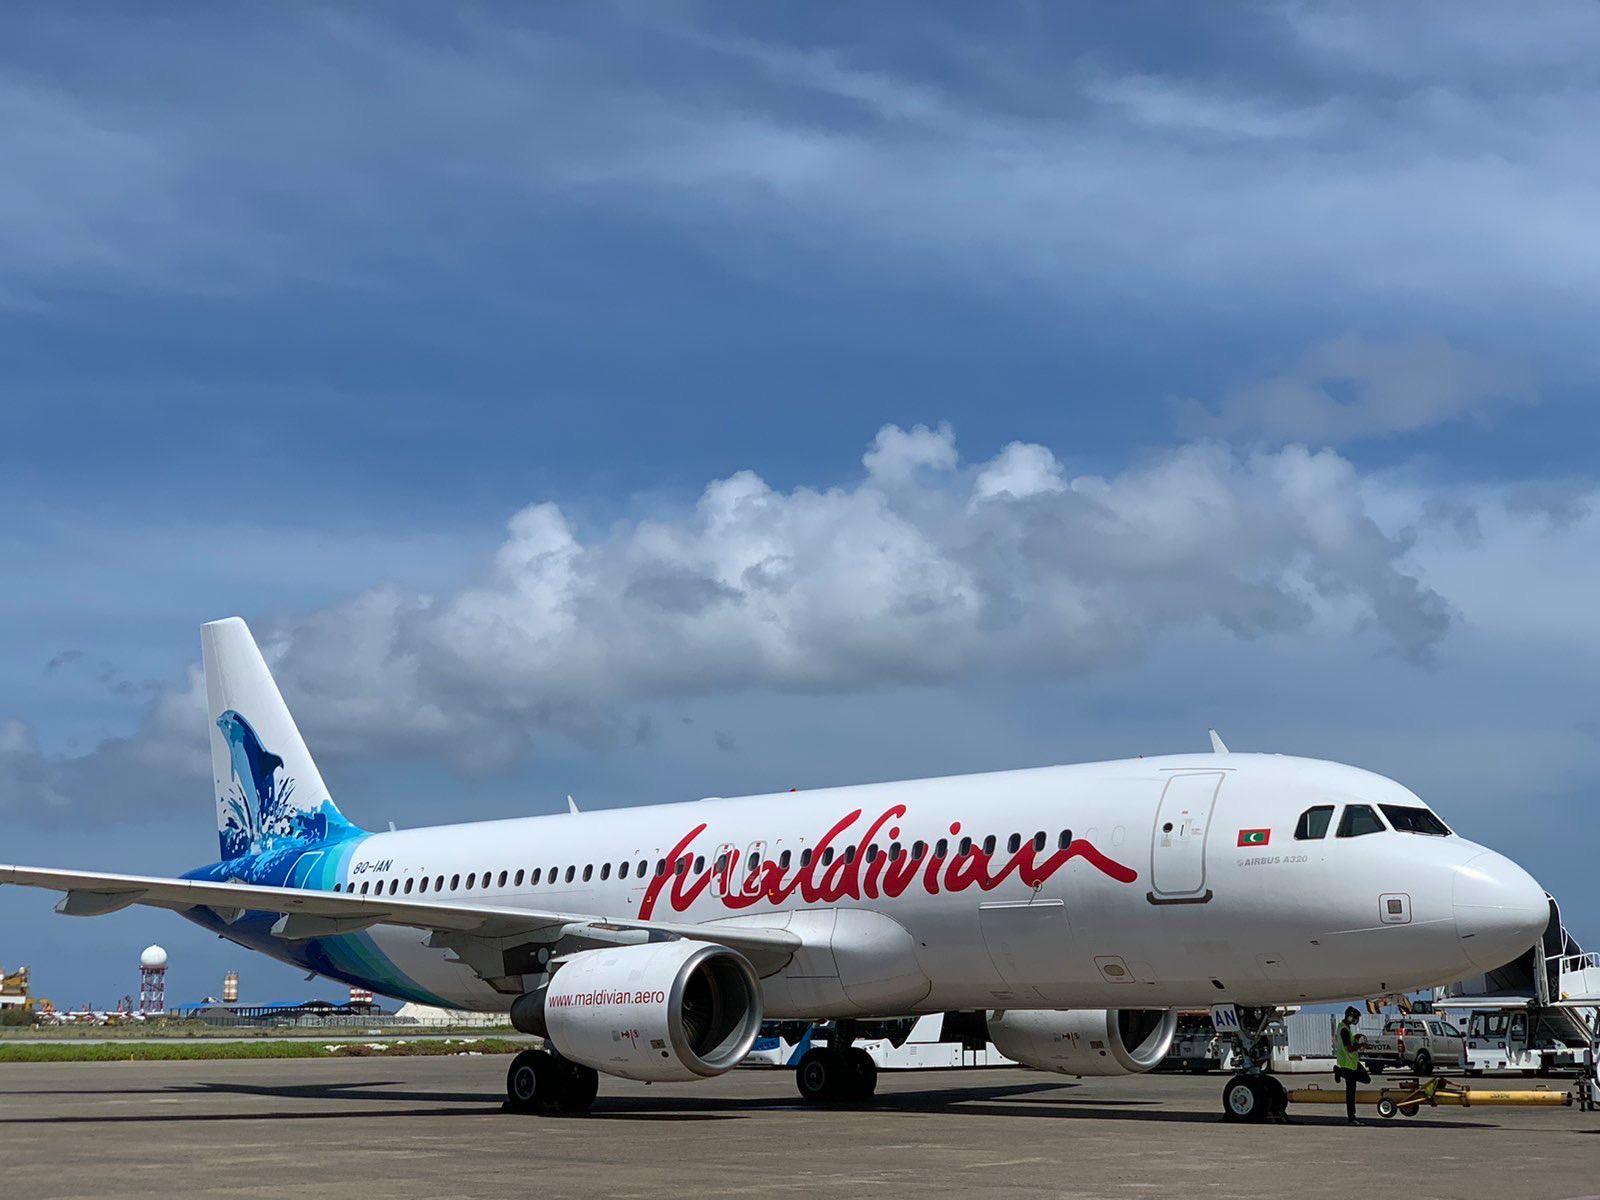 Trivandrum to maldives flight fare